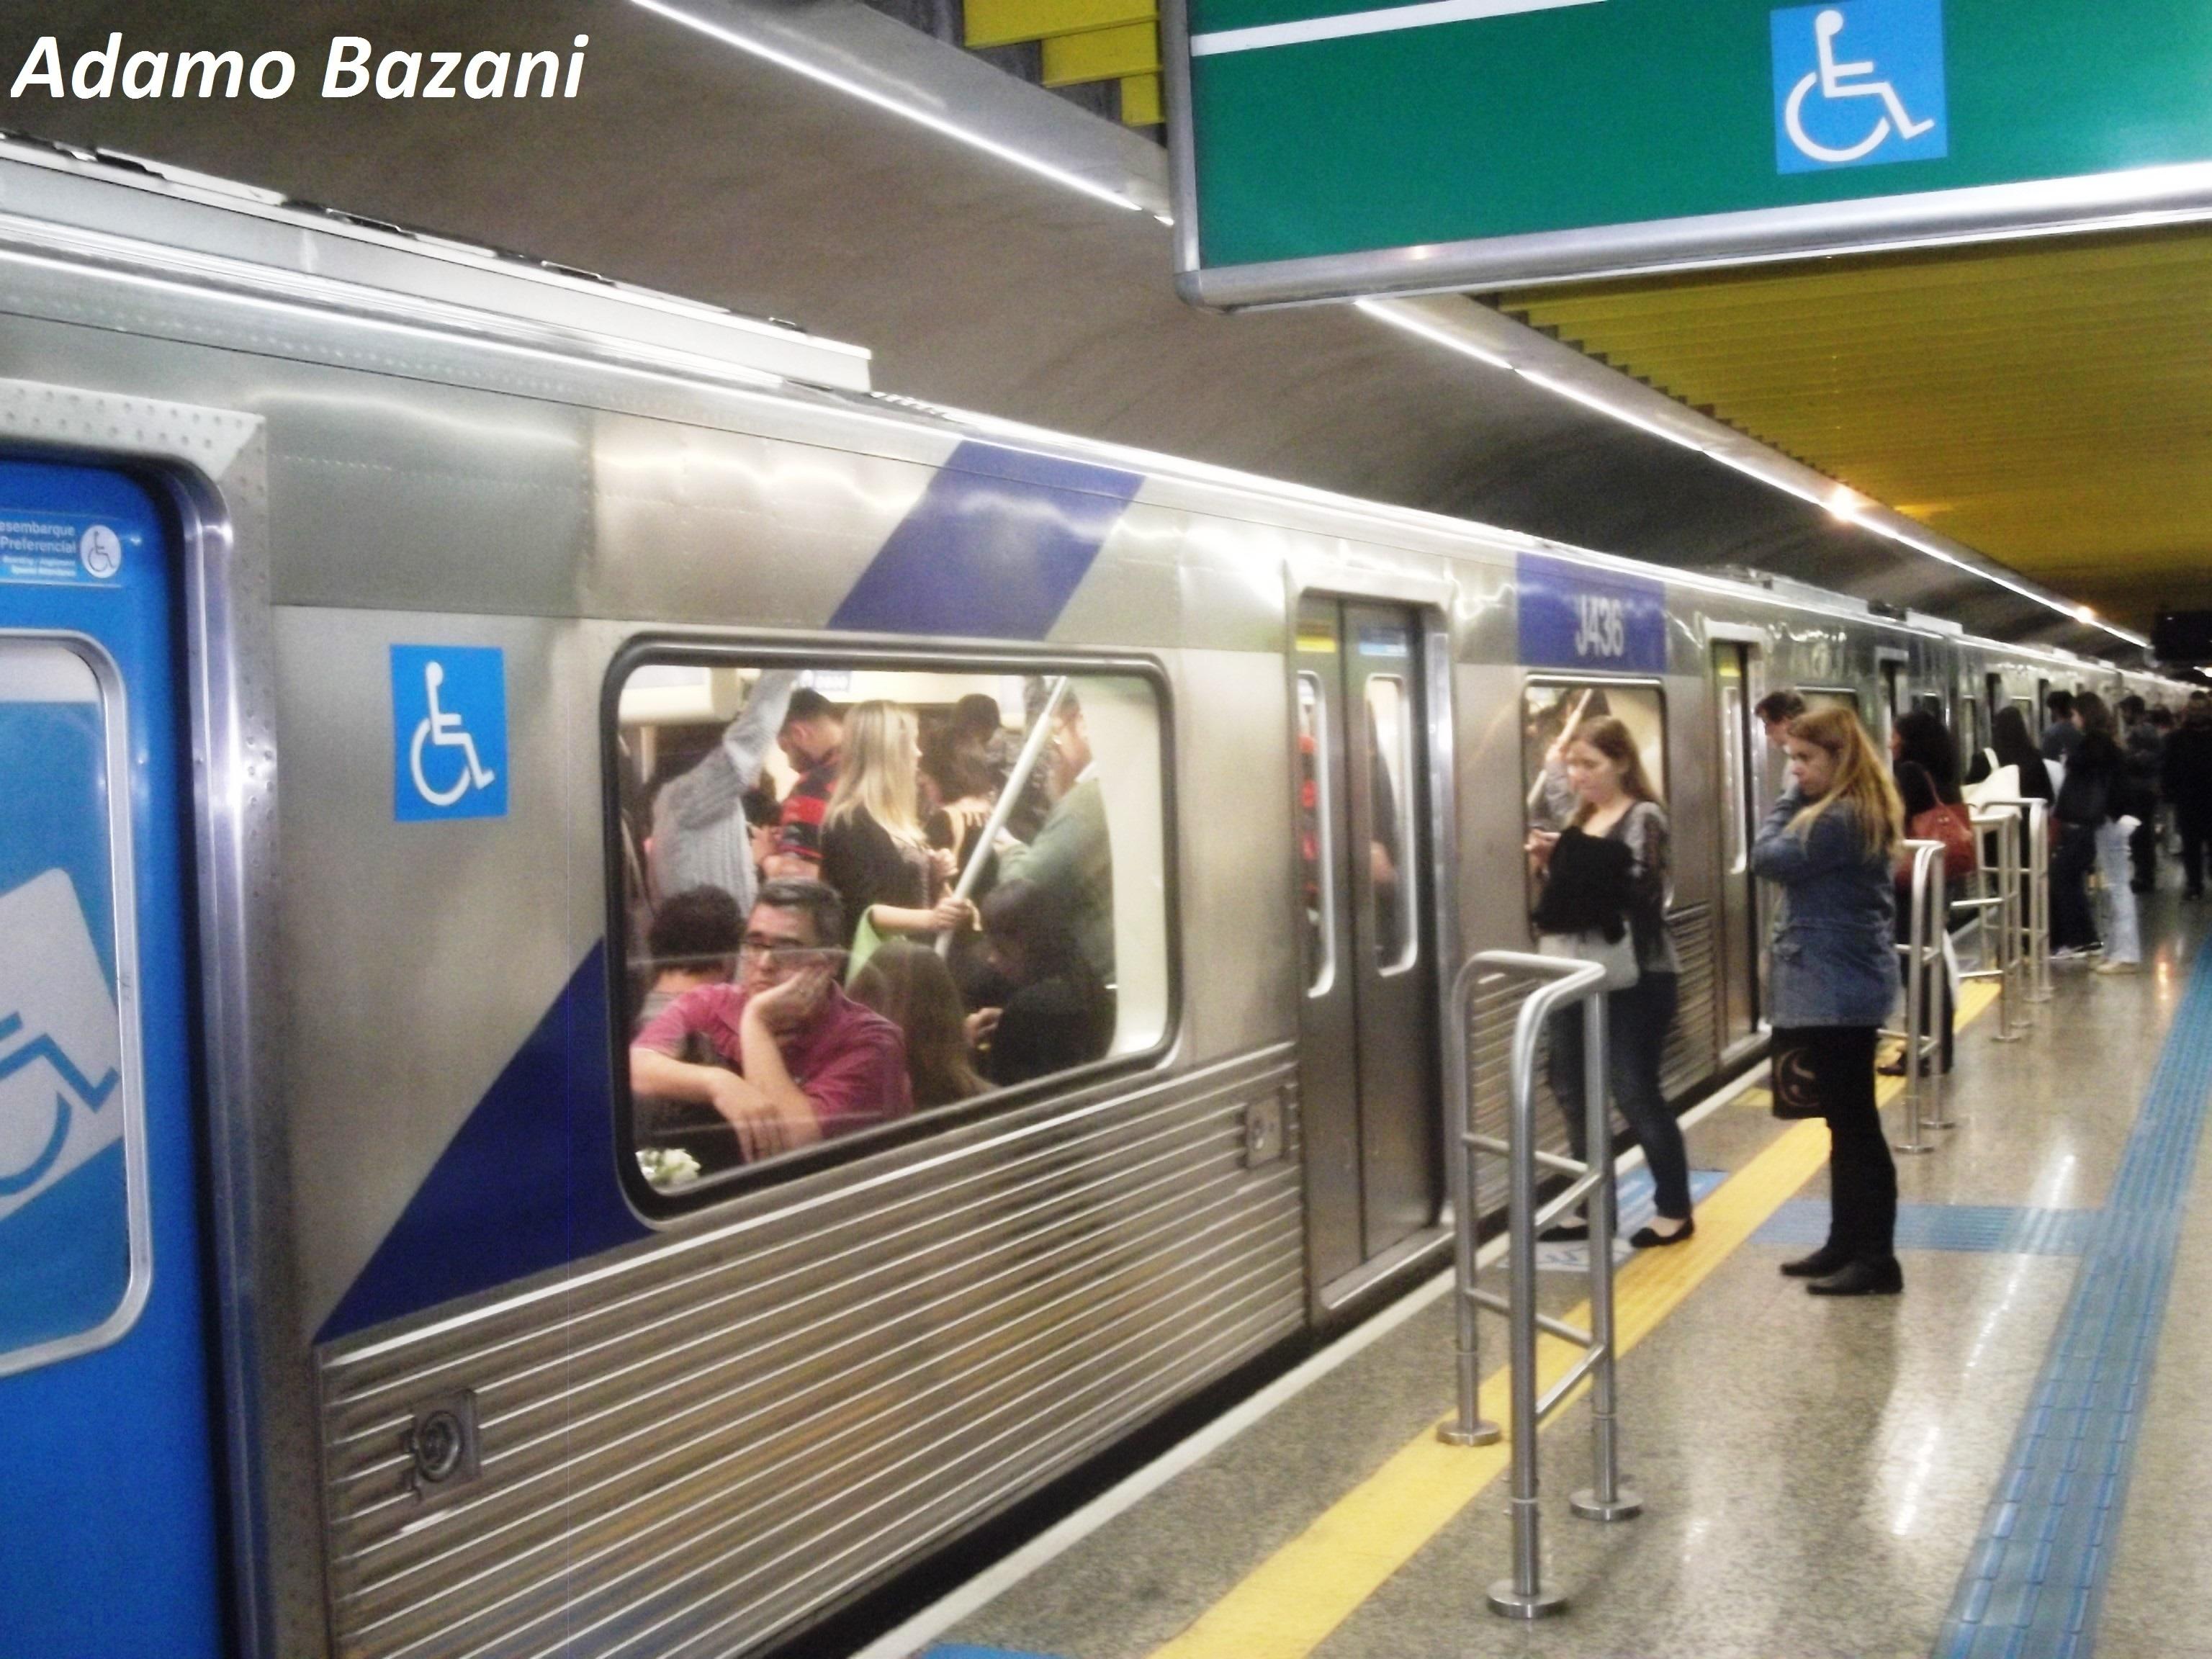 859cca827f315 Metrô de São Paulo realiza parcerias com museus para exposições ...